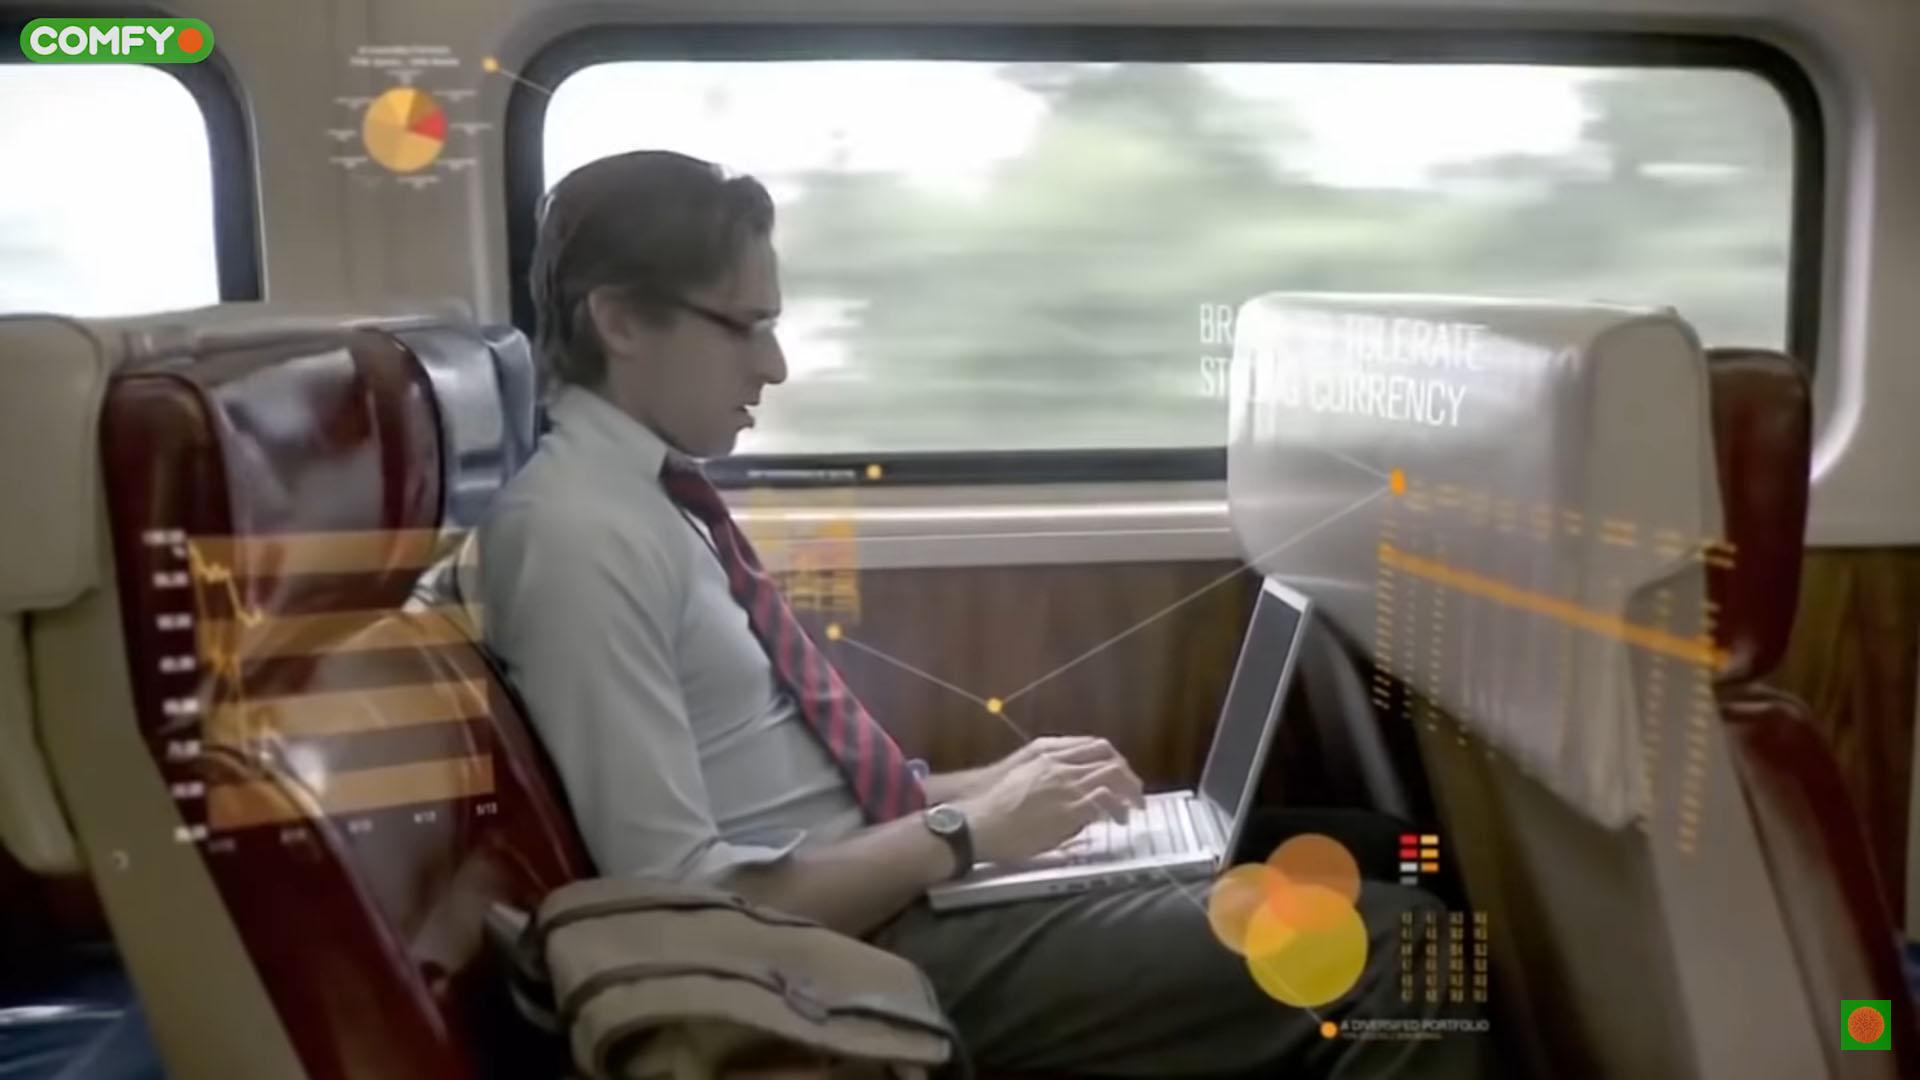 использование 5G в поезде